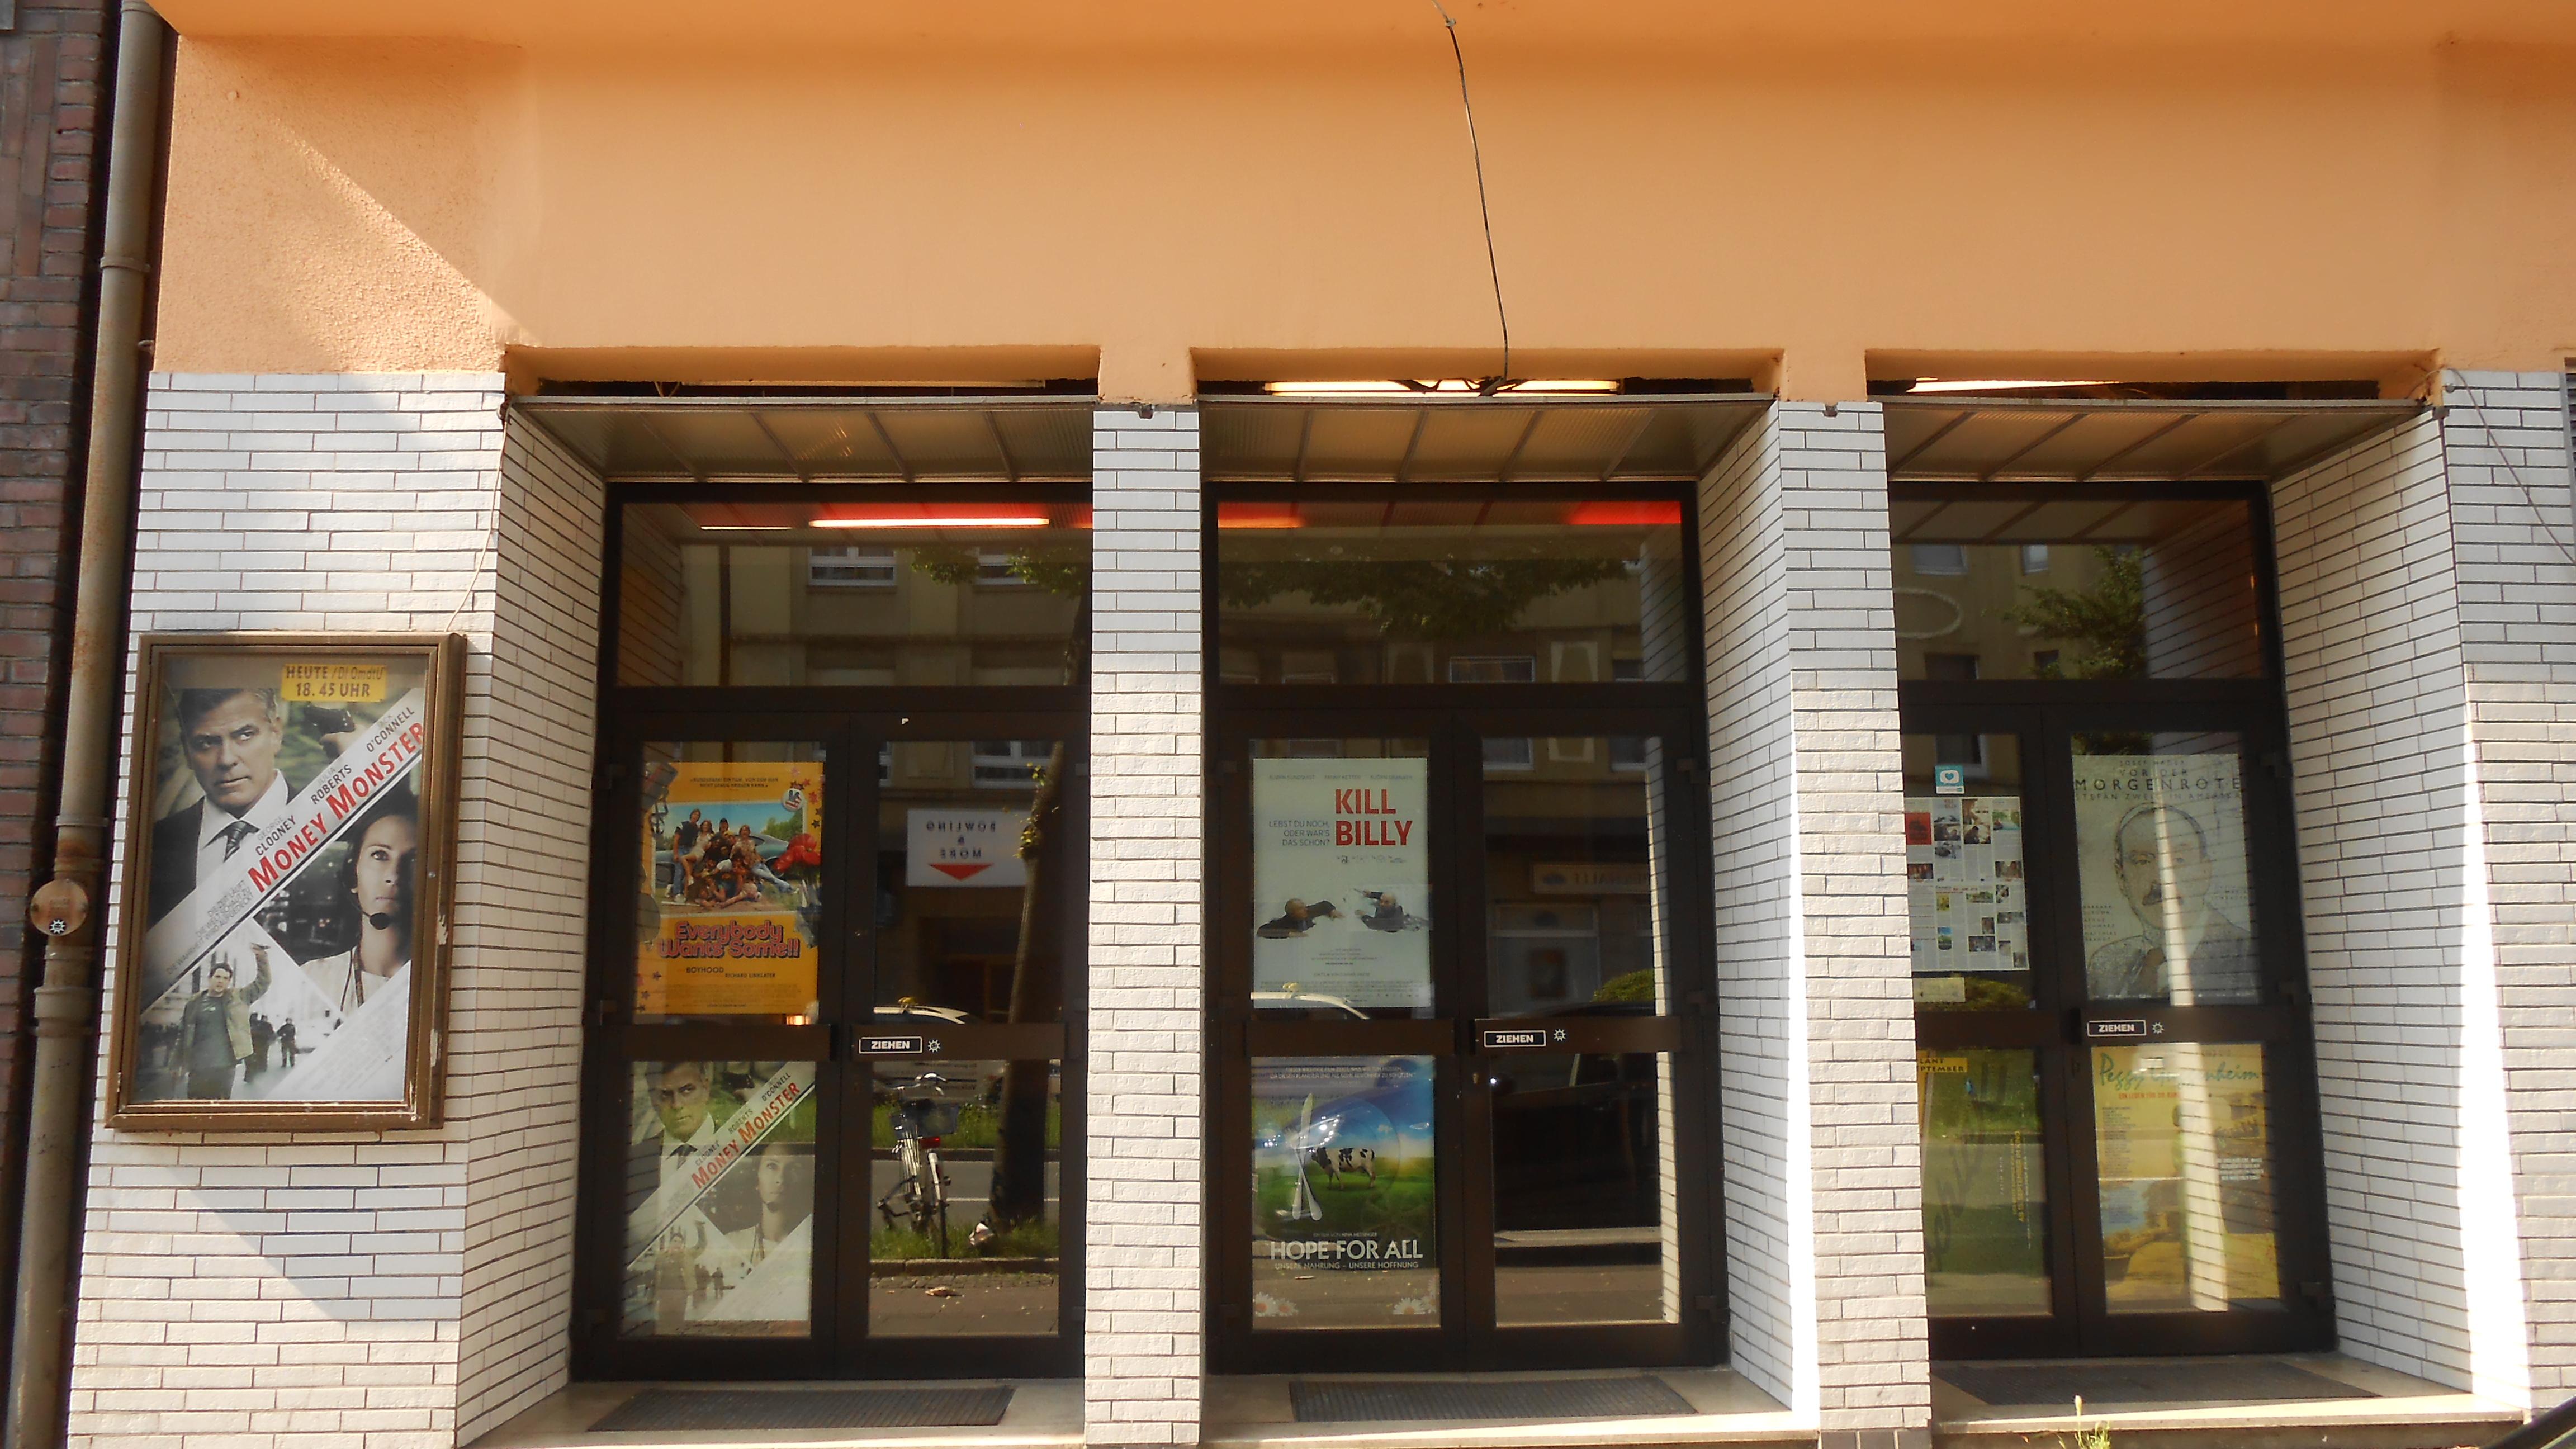 Camera Kino Dortmund